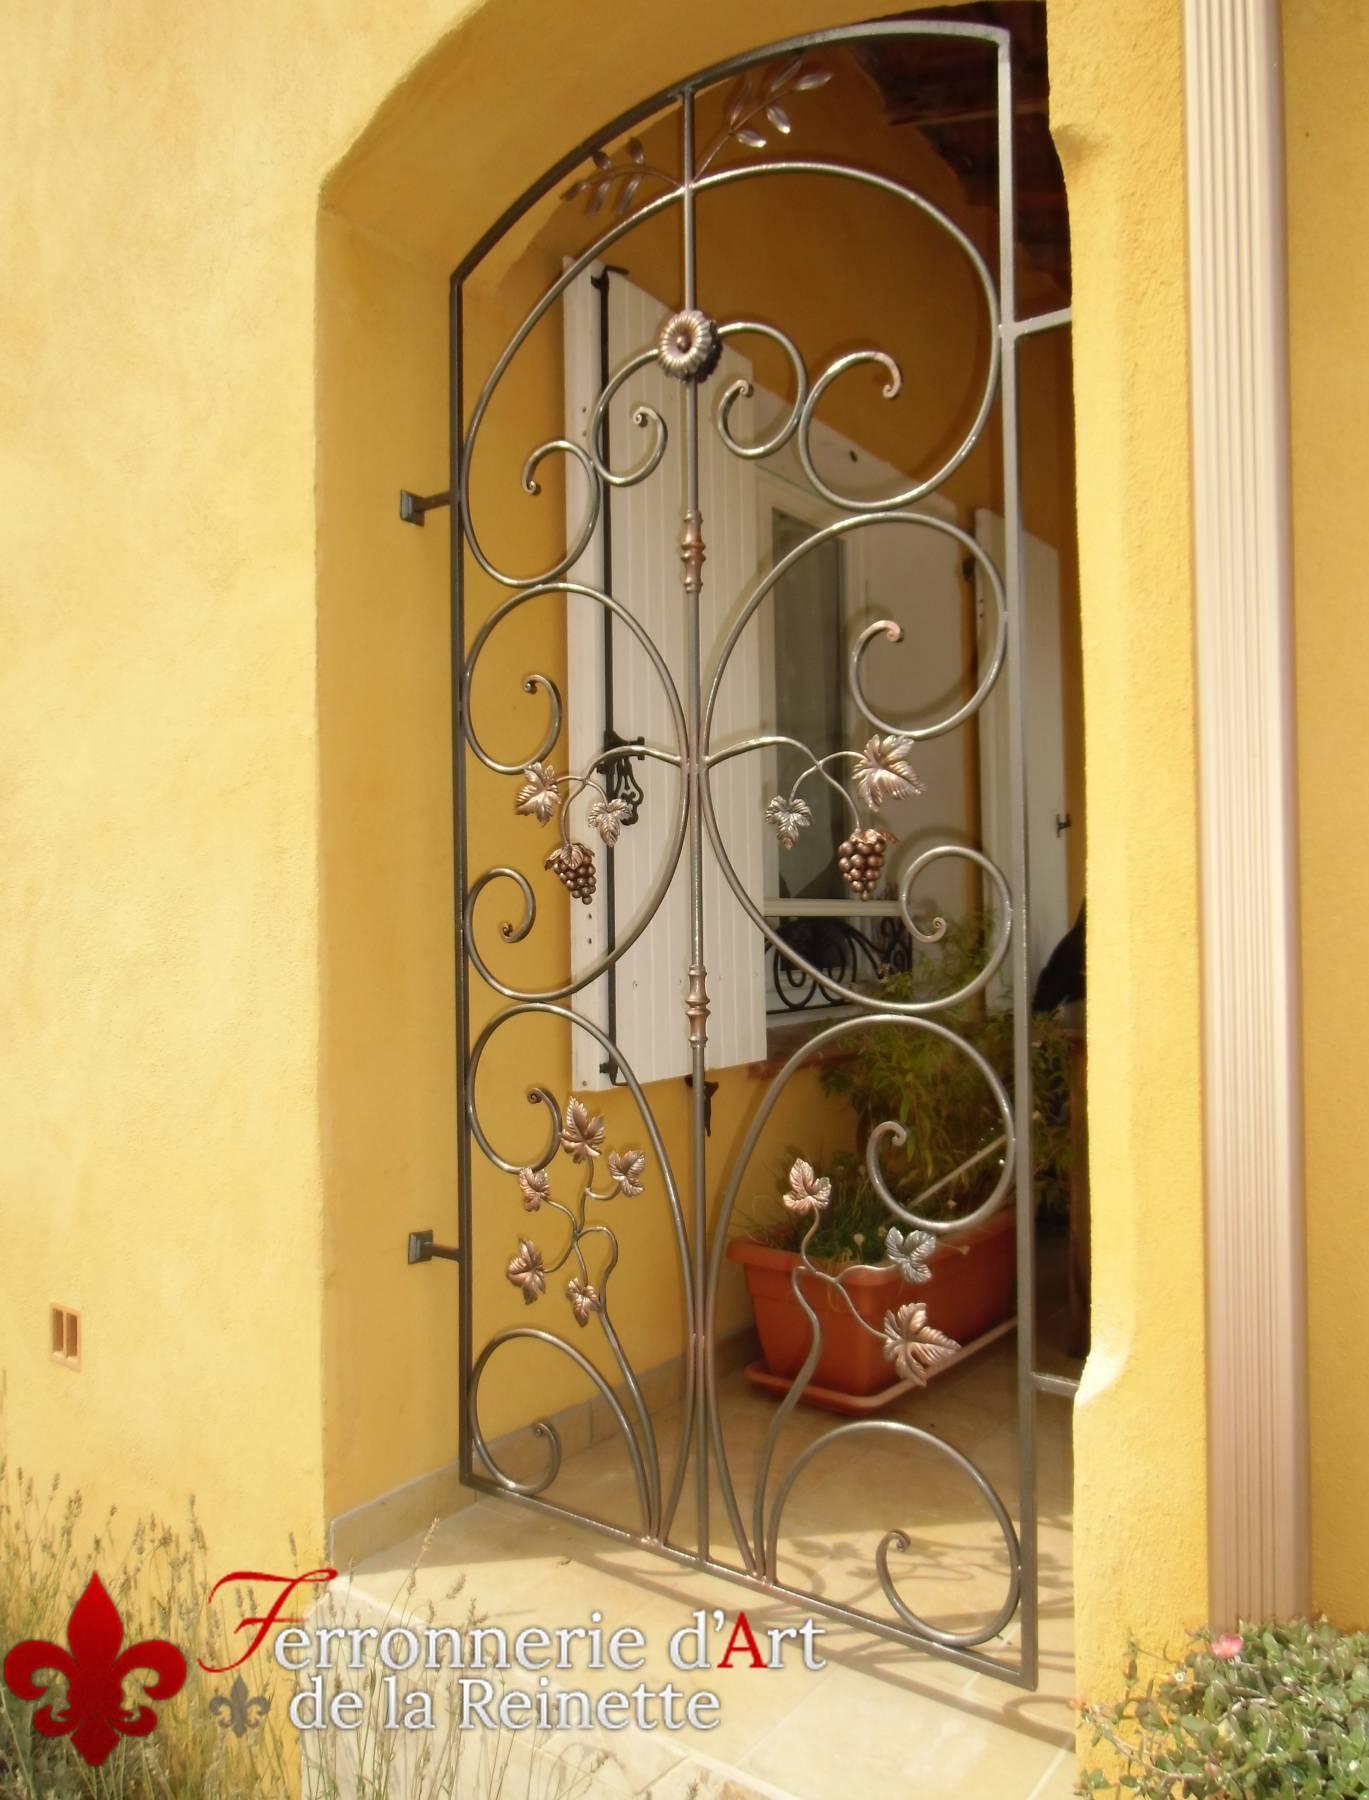 Grille et porte de s curit en fer plein bandol ferronnier var 83 ferronnerie d 39 art la - Grille de securite pour porte ...